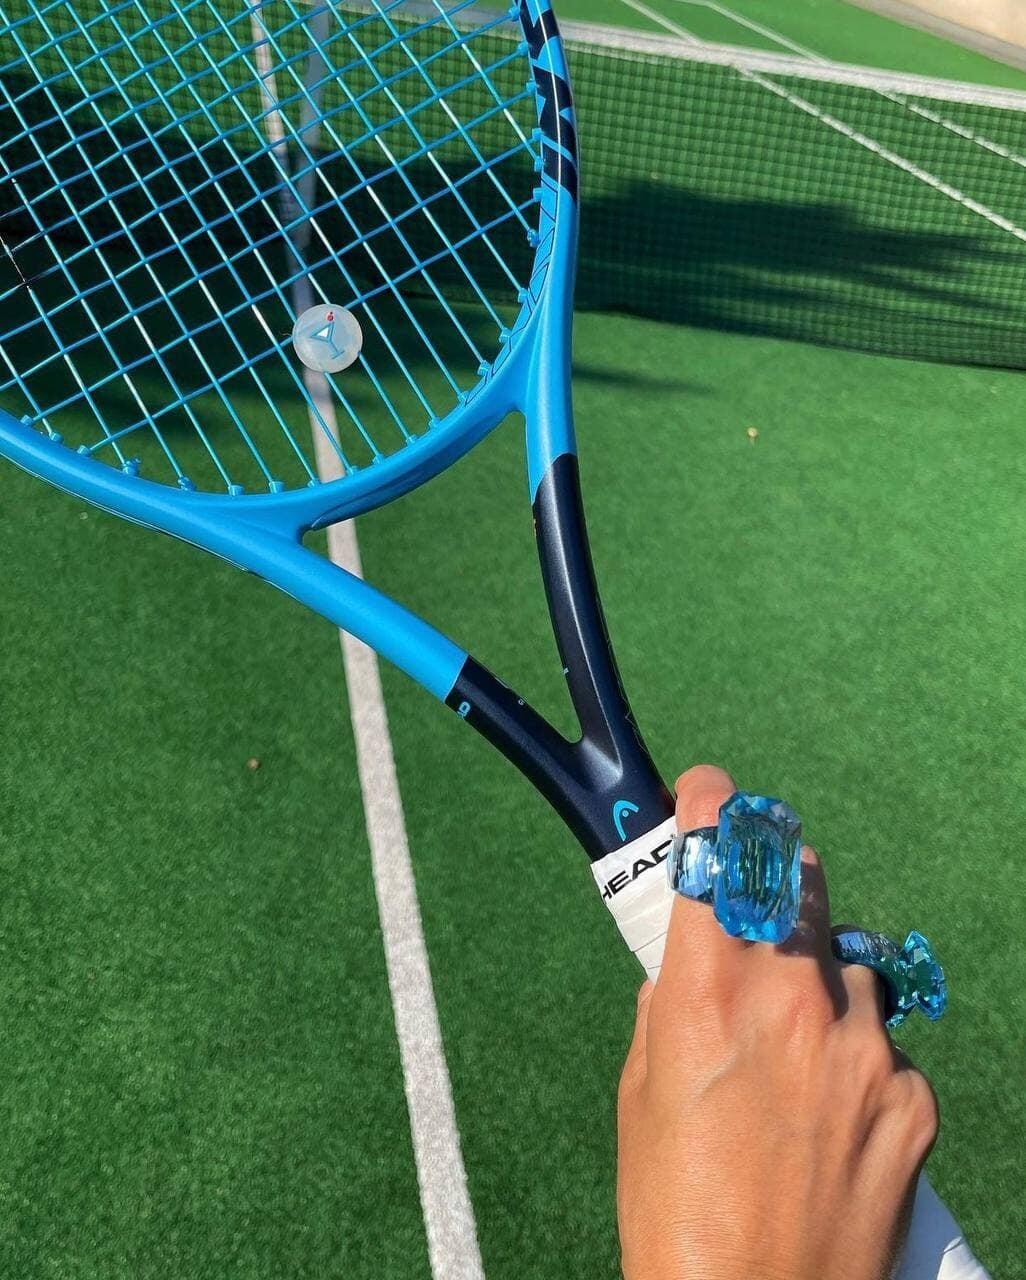 Теннис разрывает мировую моду: пандемия, обаяние старых денег и сестры Кардашьян сделали его эстетику хитом